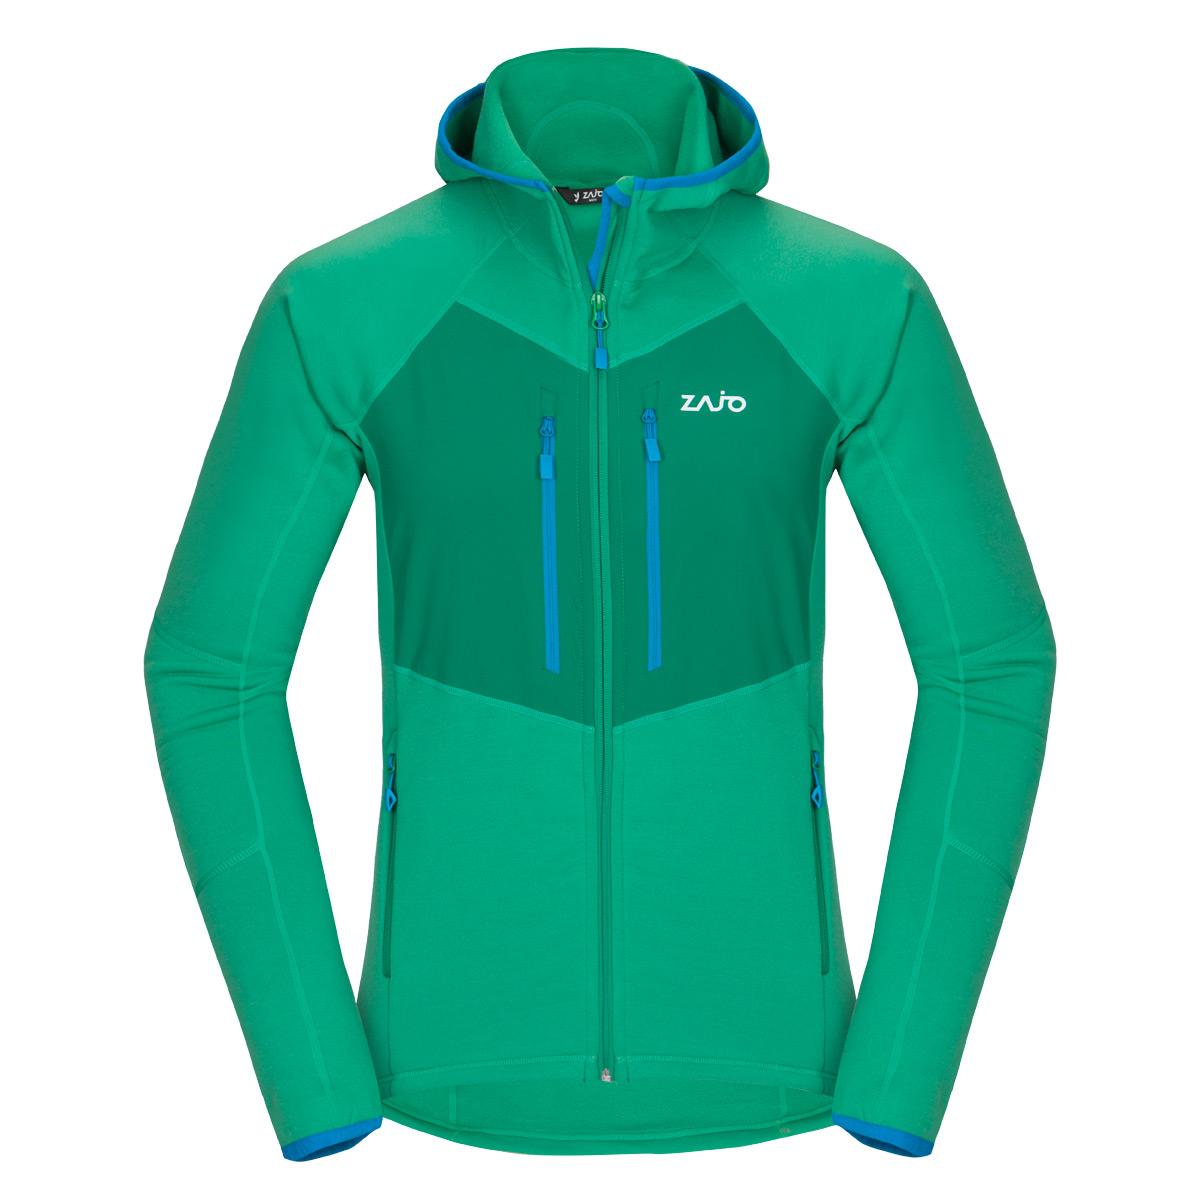 Pánska bunda Zajo Glacier Neo JKT Bright Green - veľkosť S